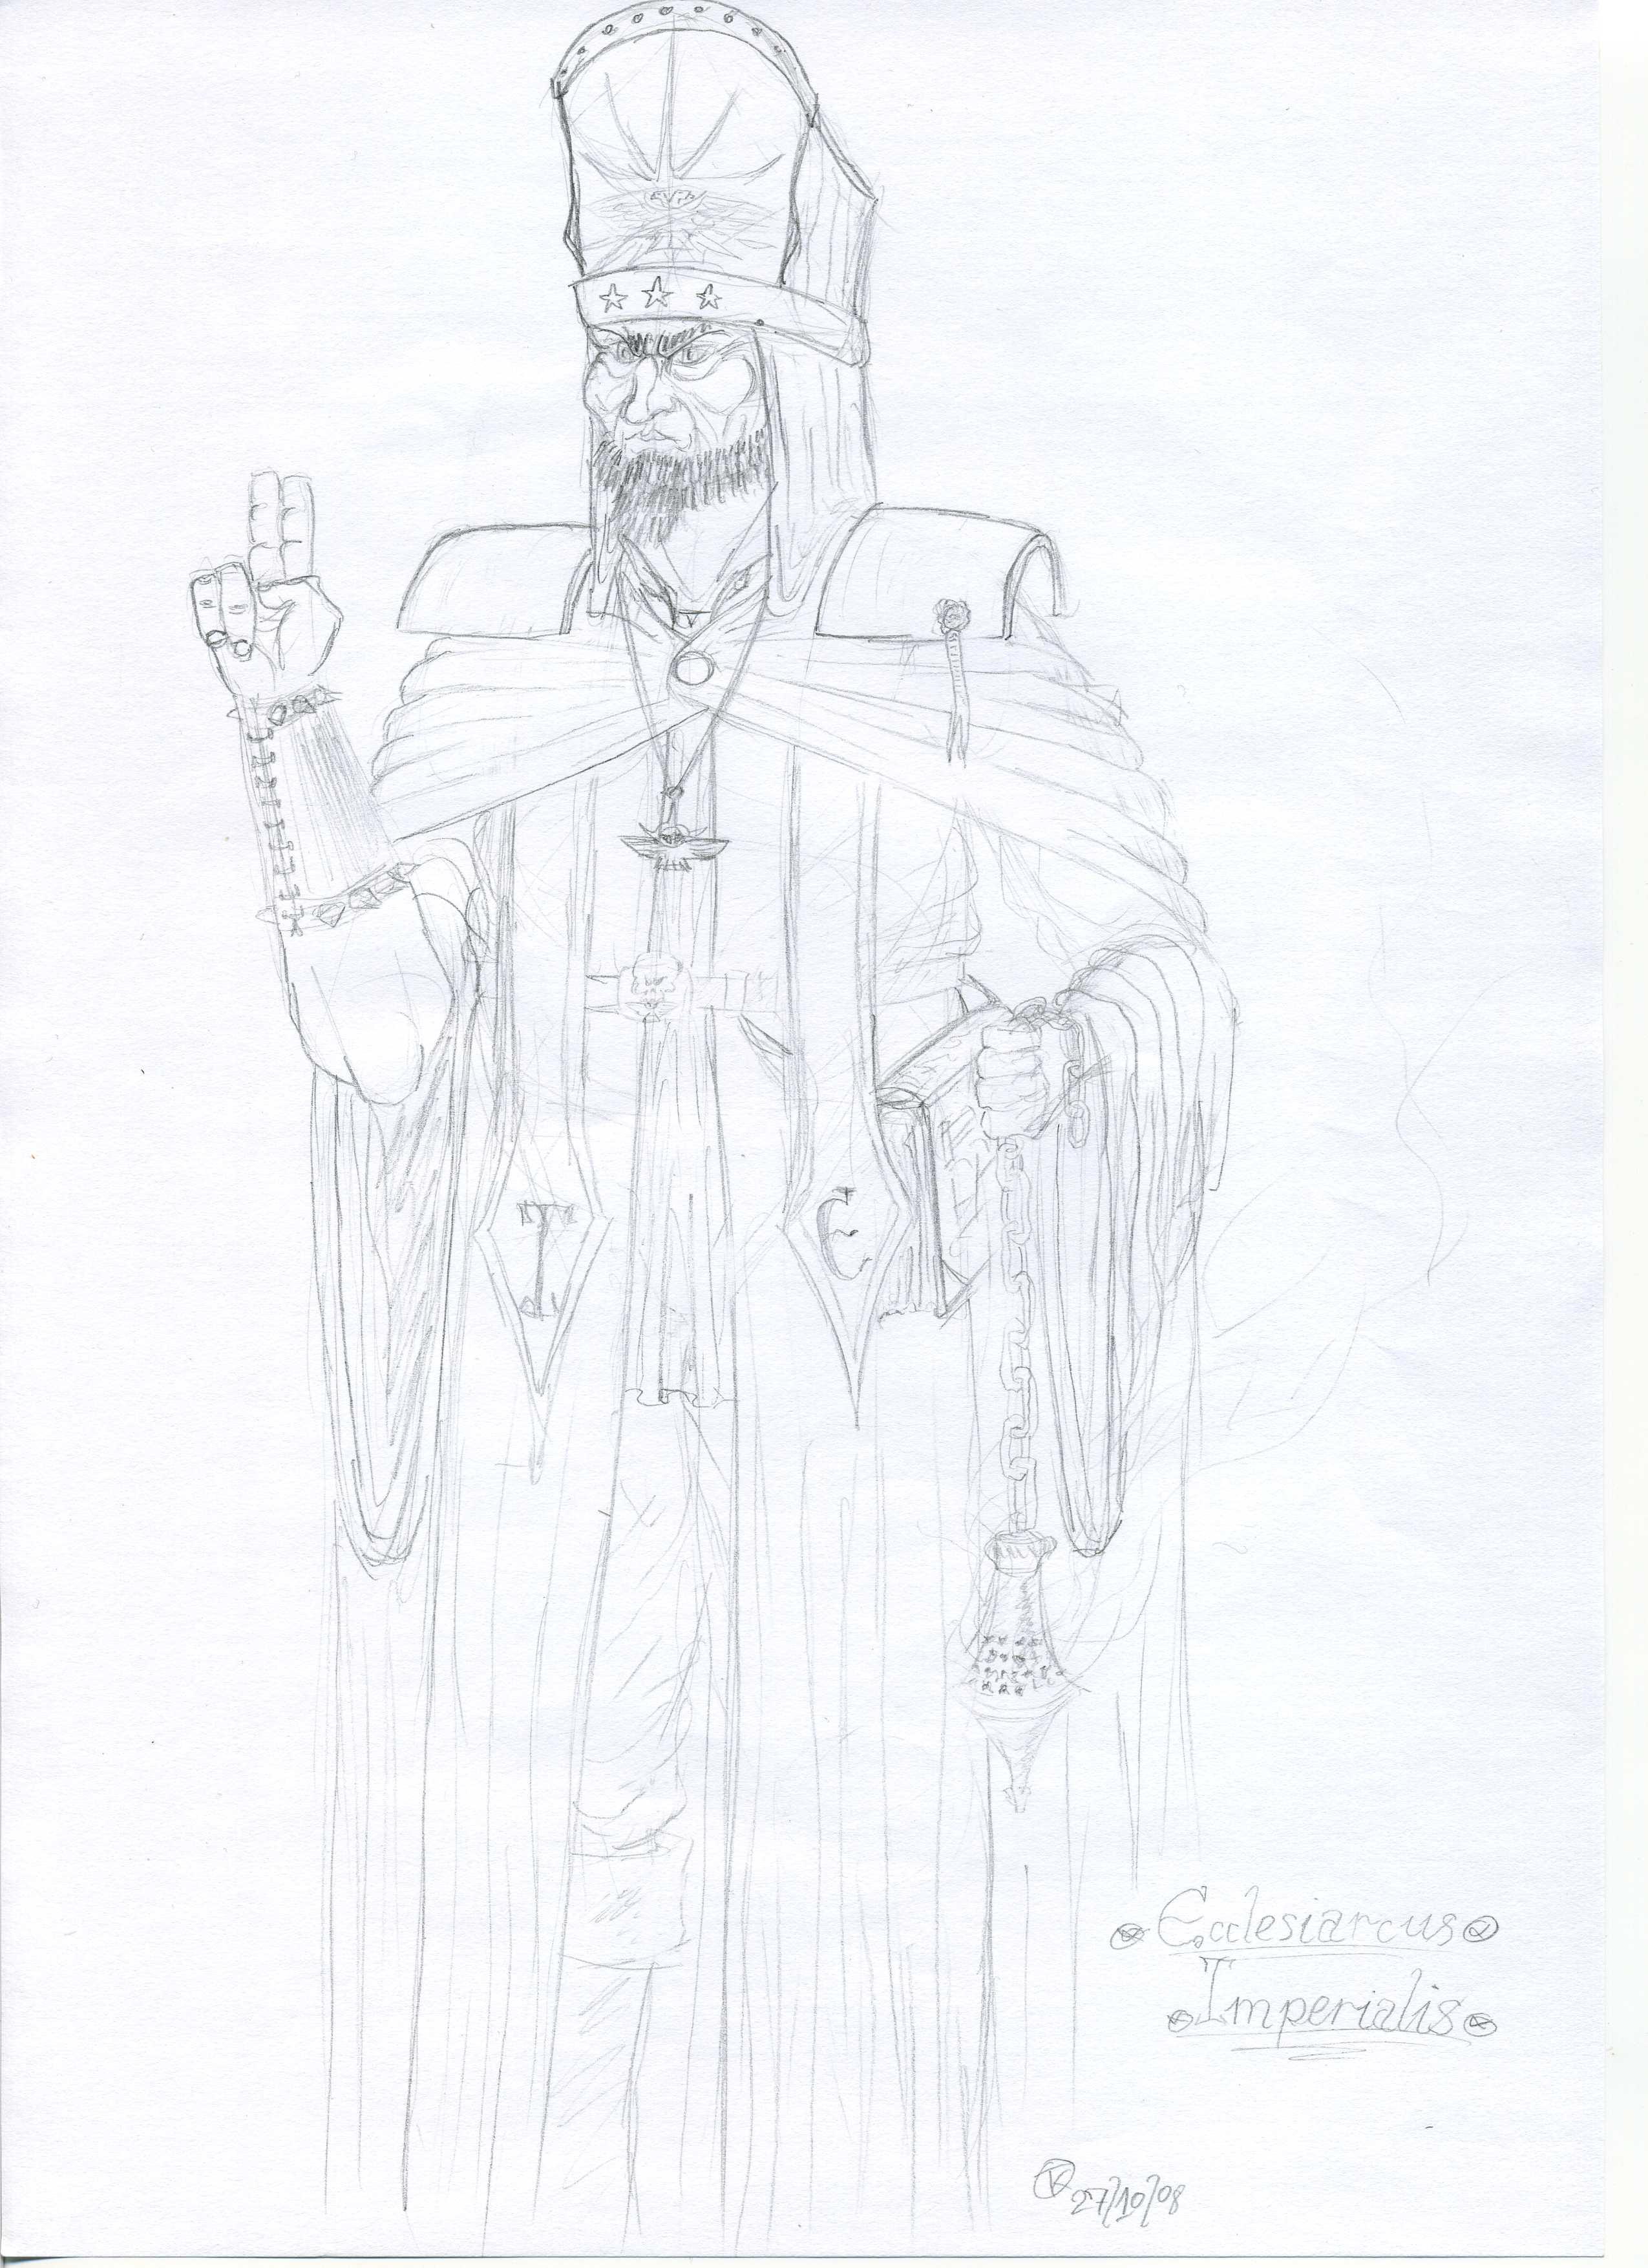 ecclésiarque